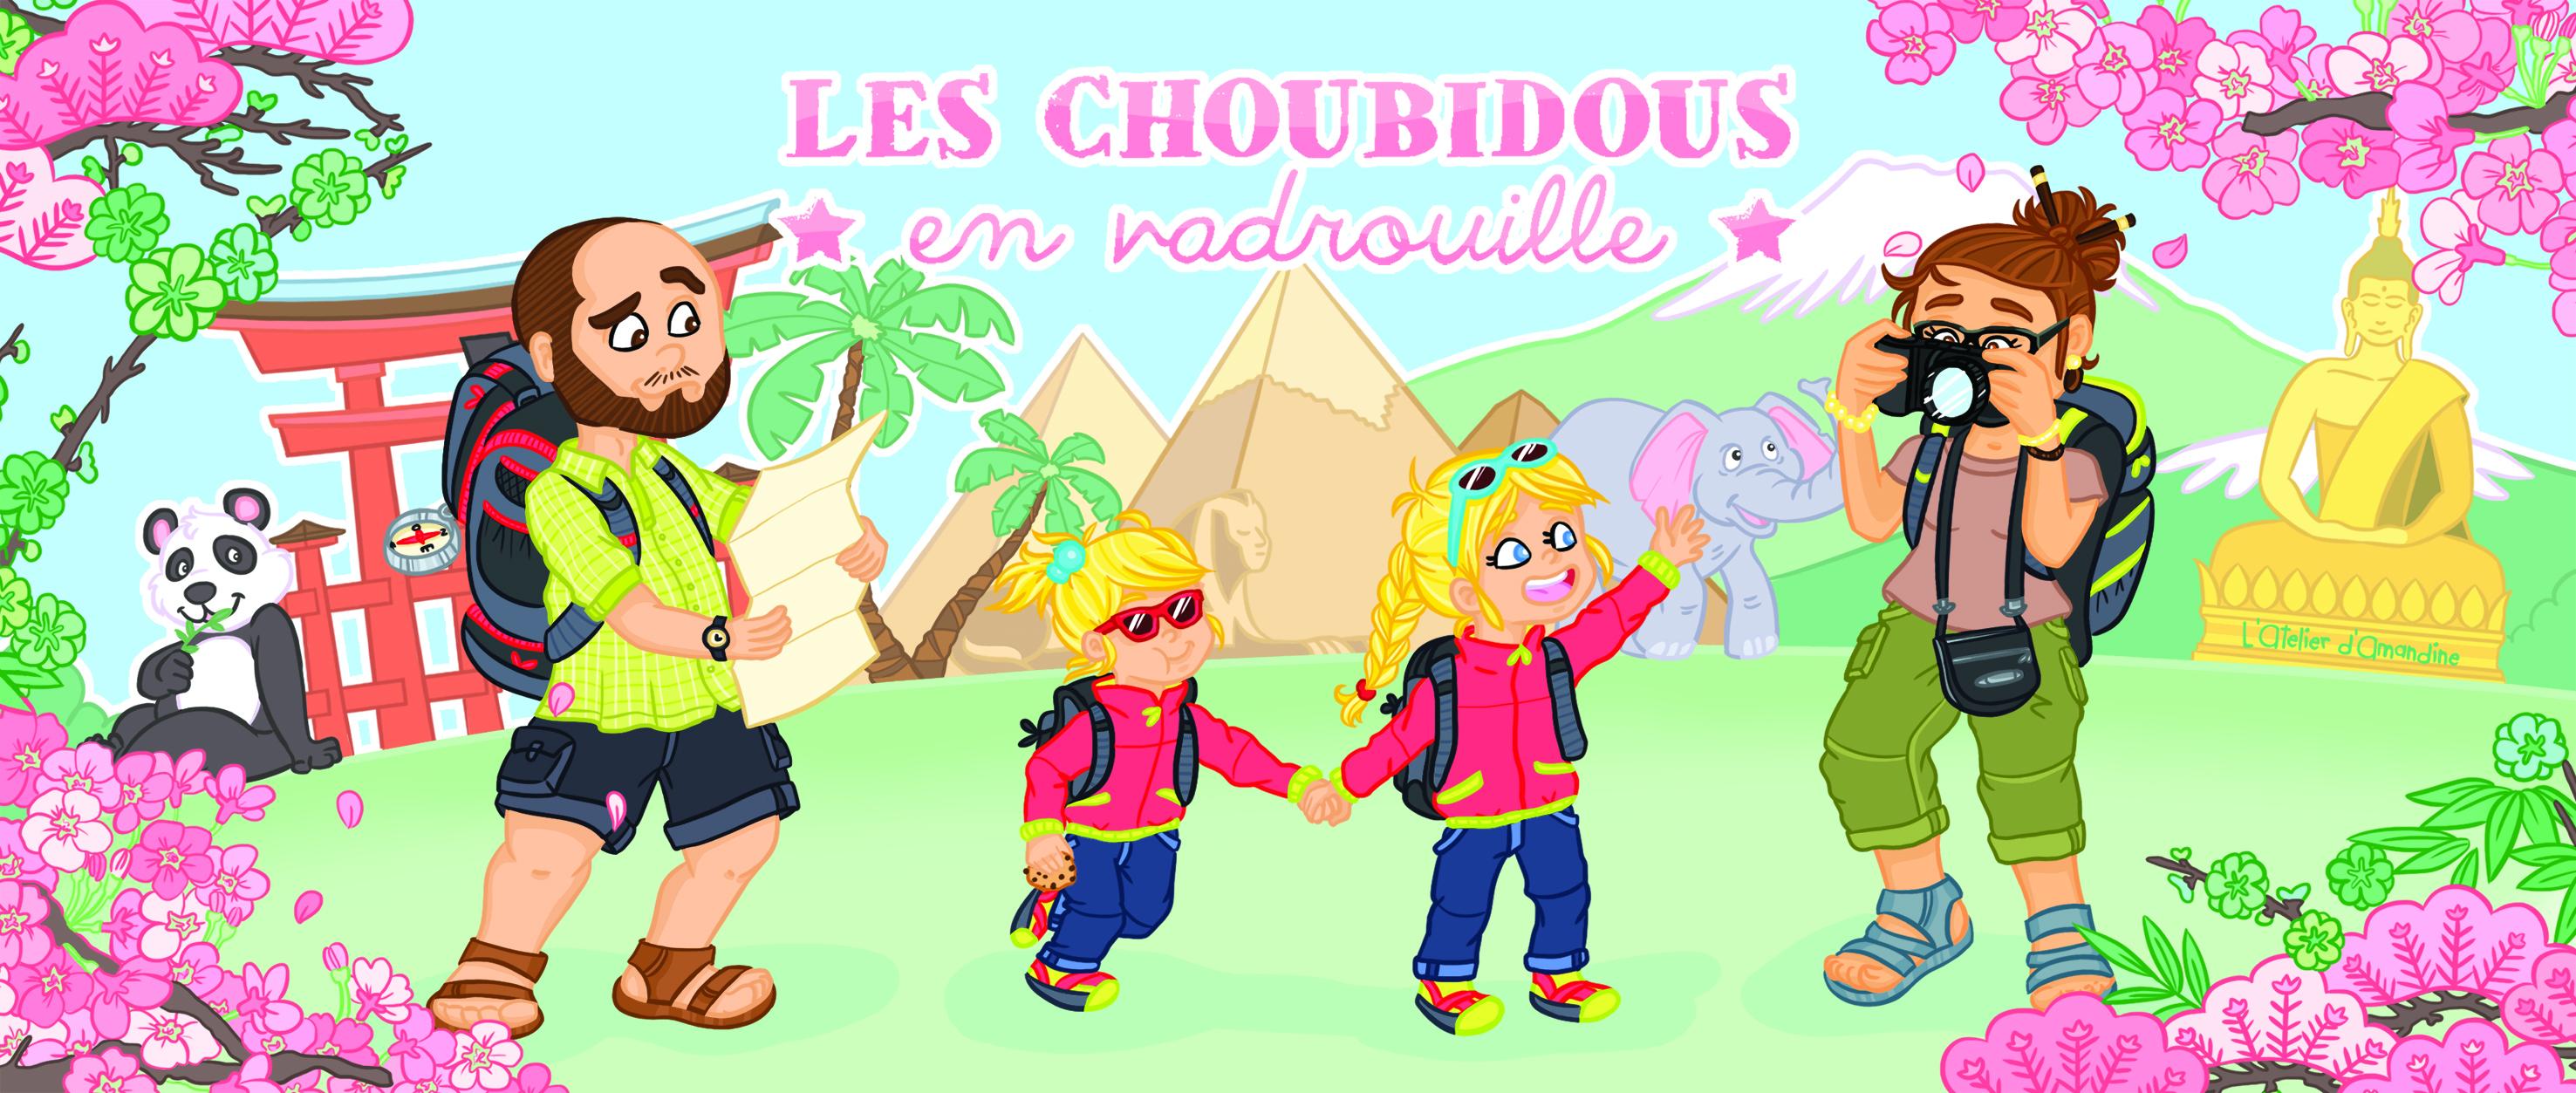 Les Choubidous repartent en vadrouille